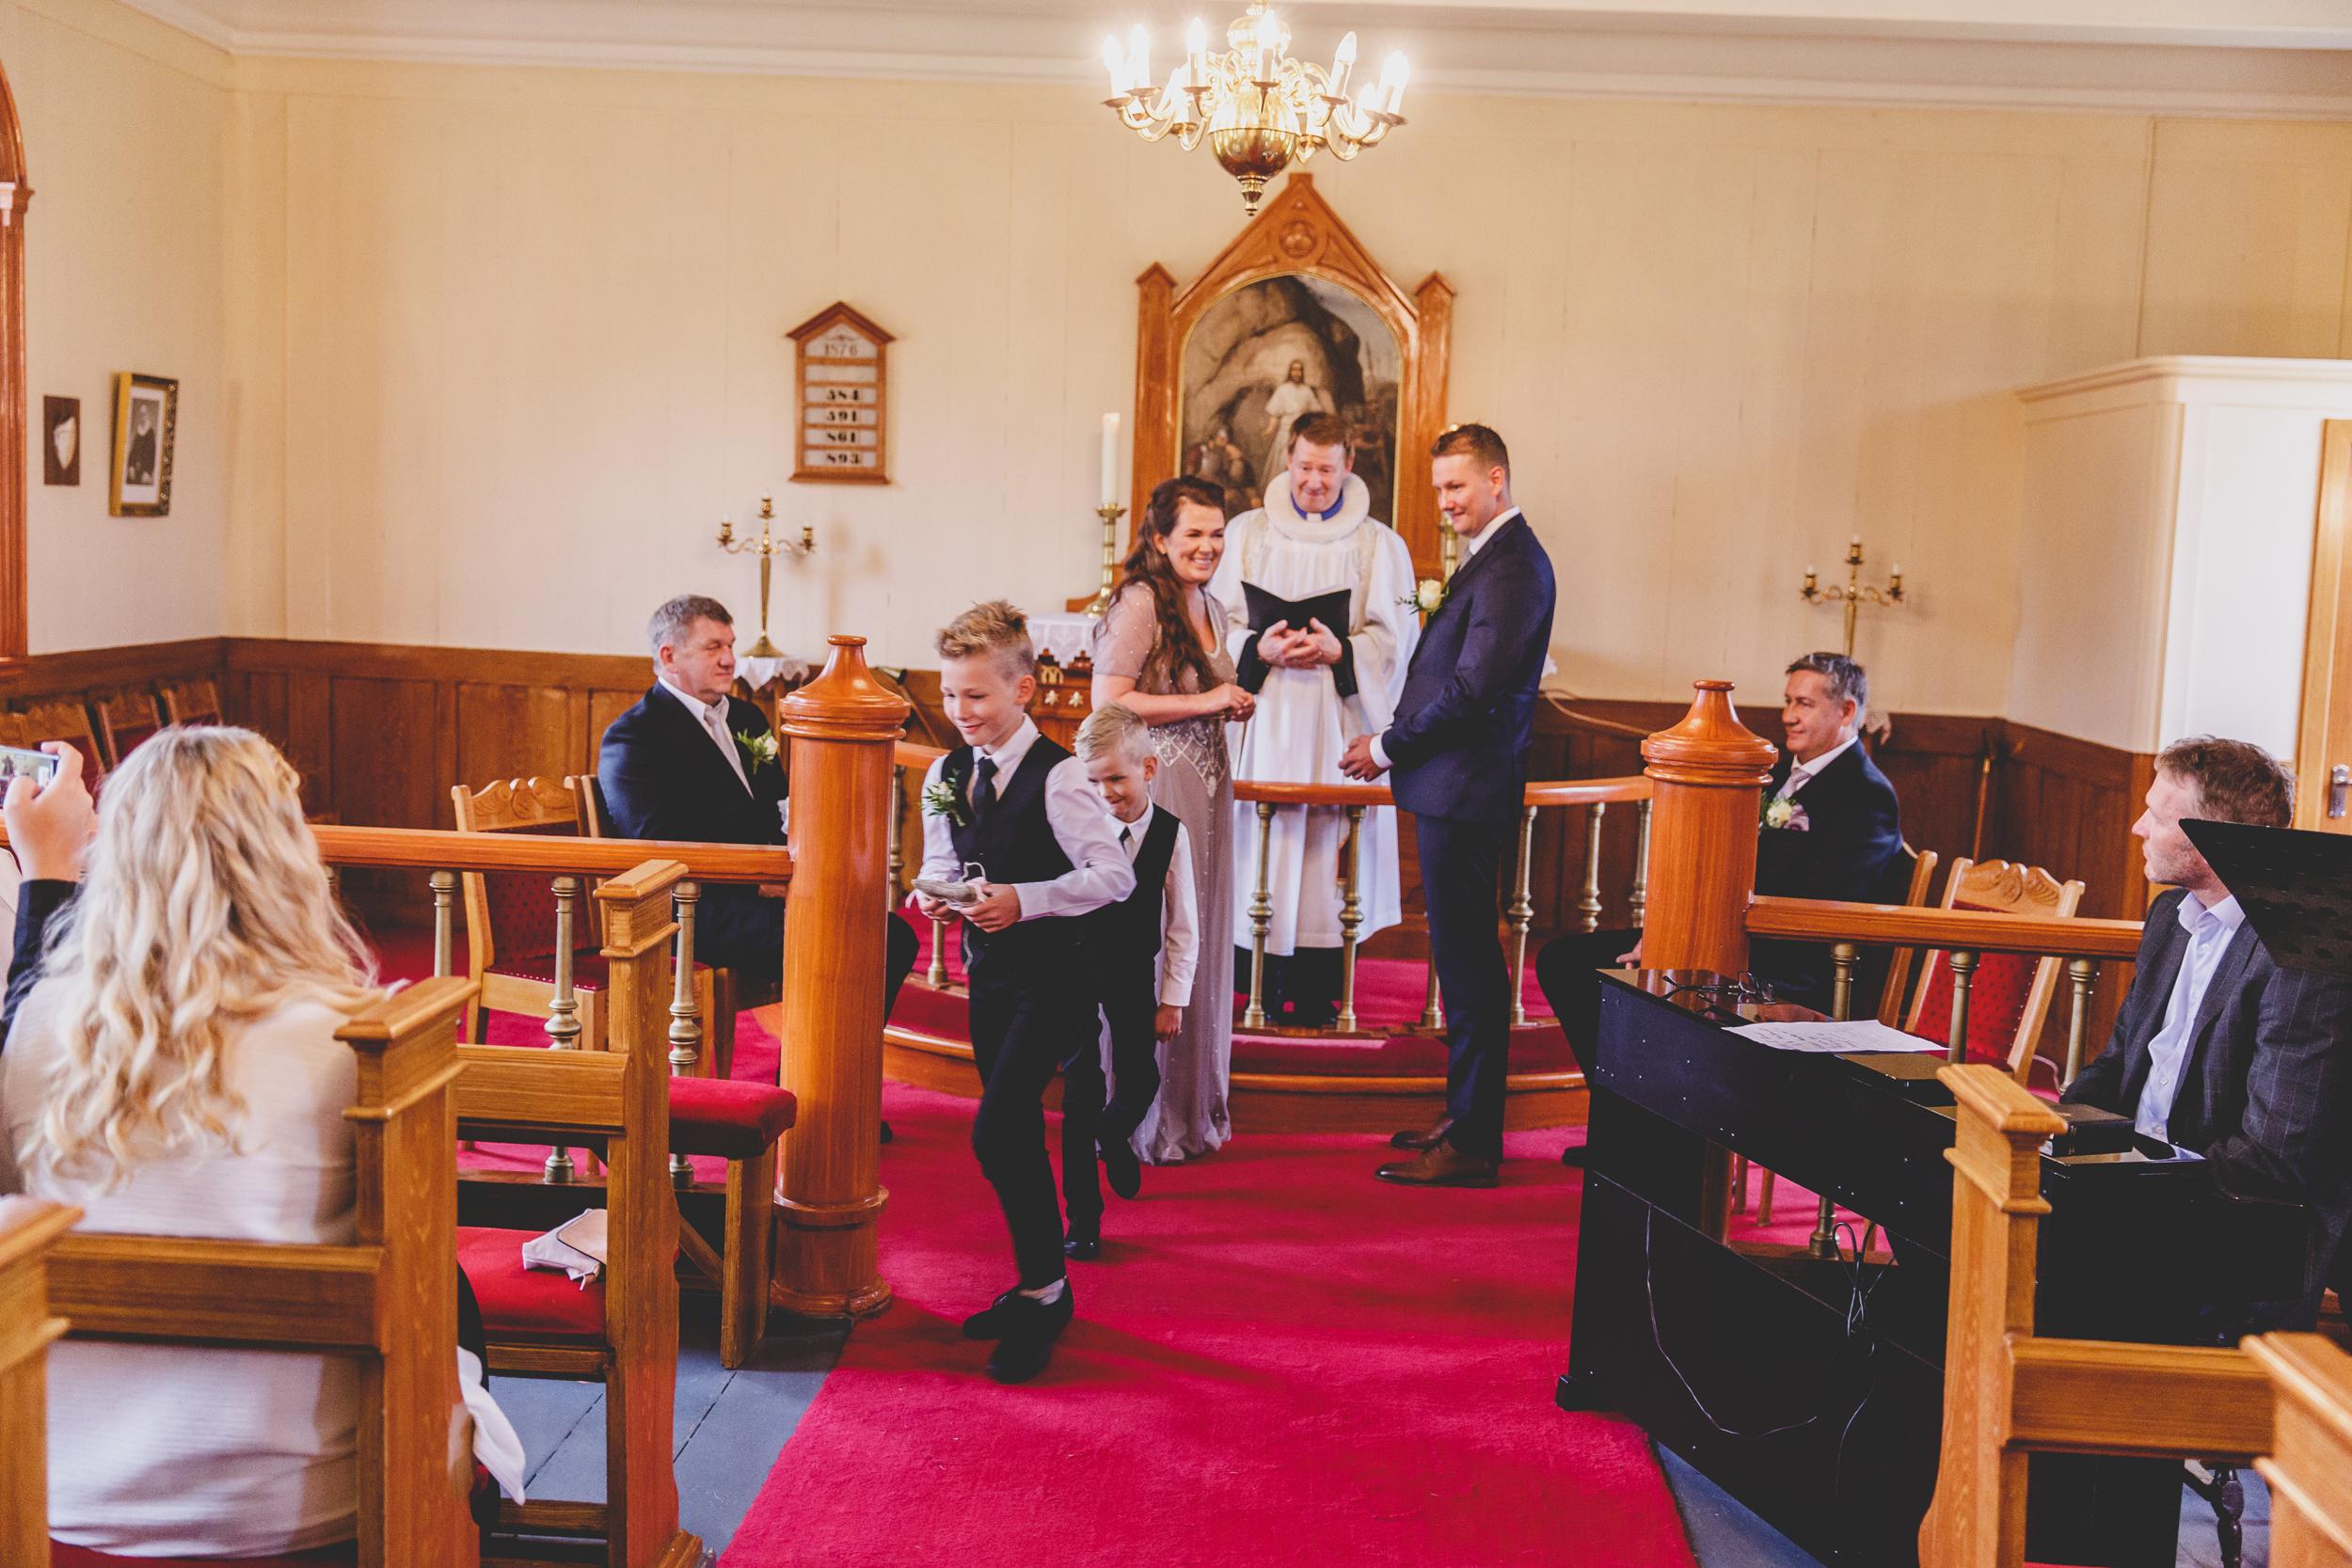 Brudkaup01-099.jpg